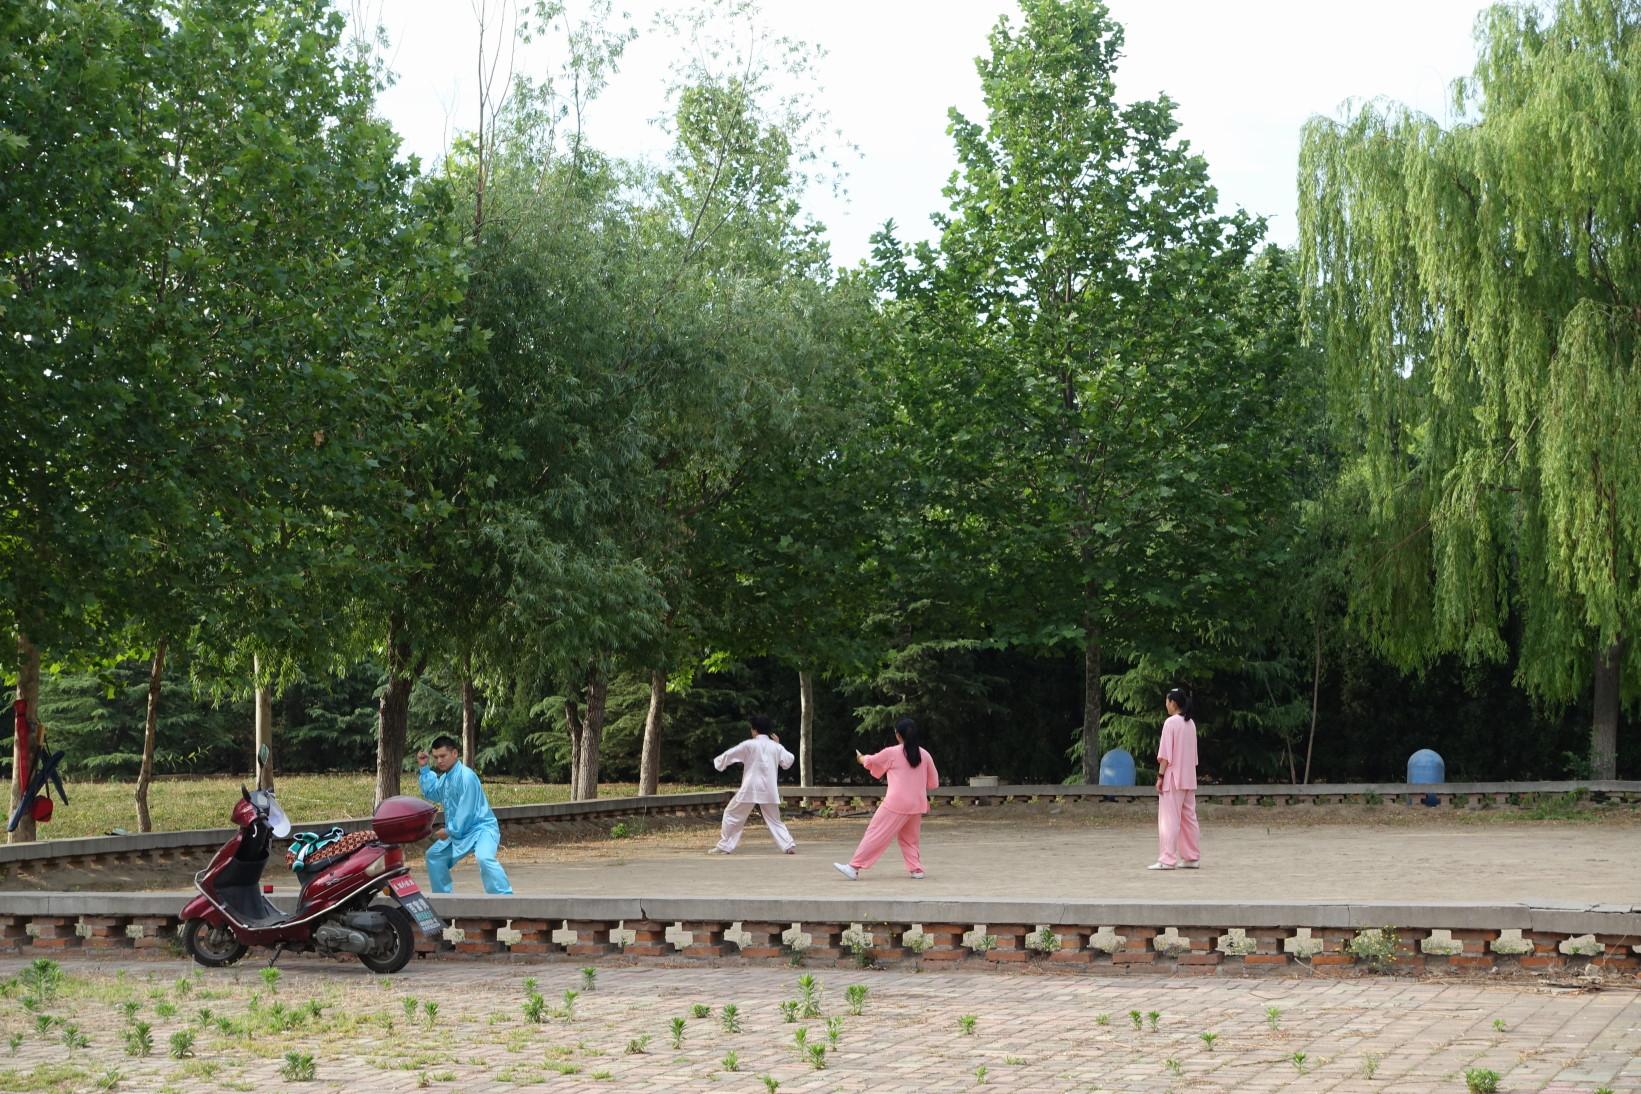 중국 공원에서 太极拳태극권 수련중인 사람들